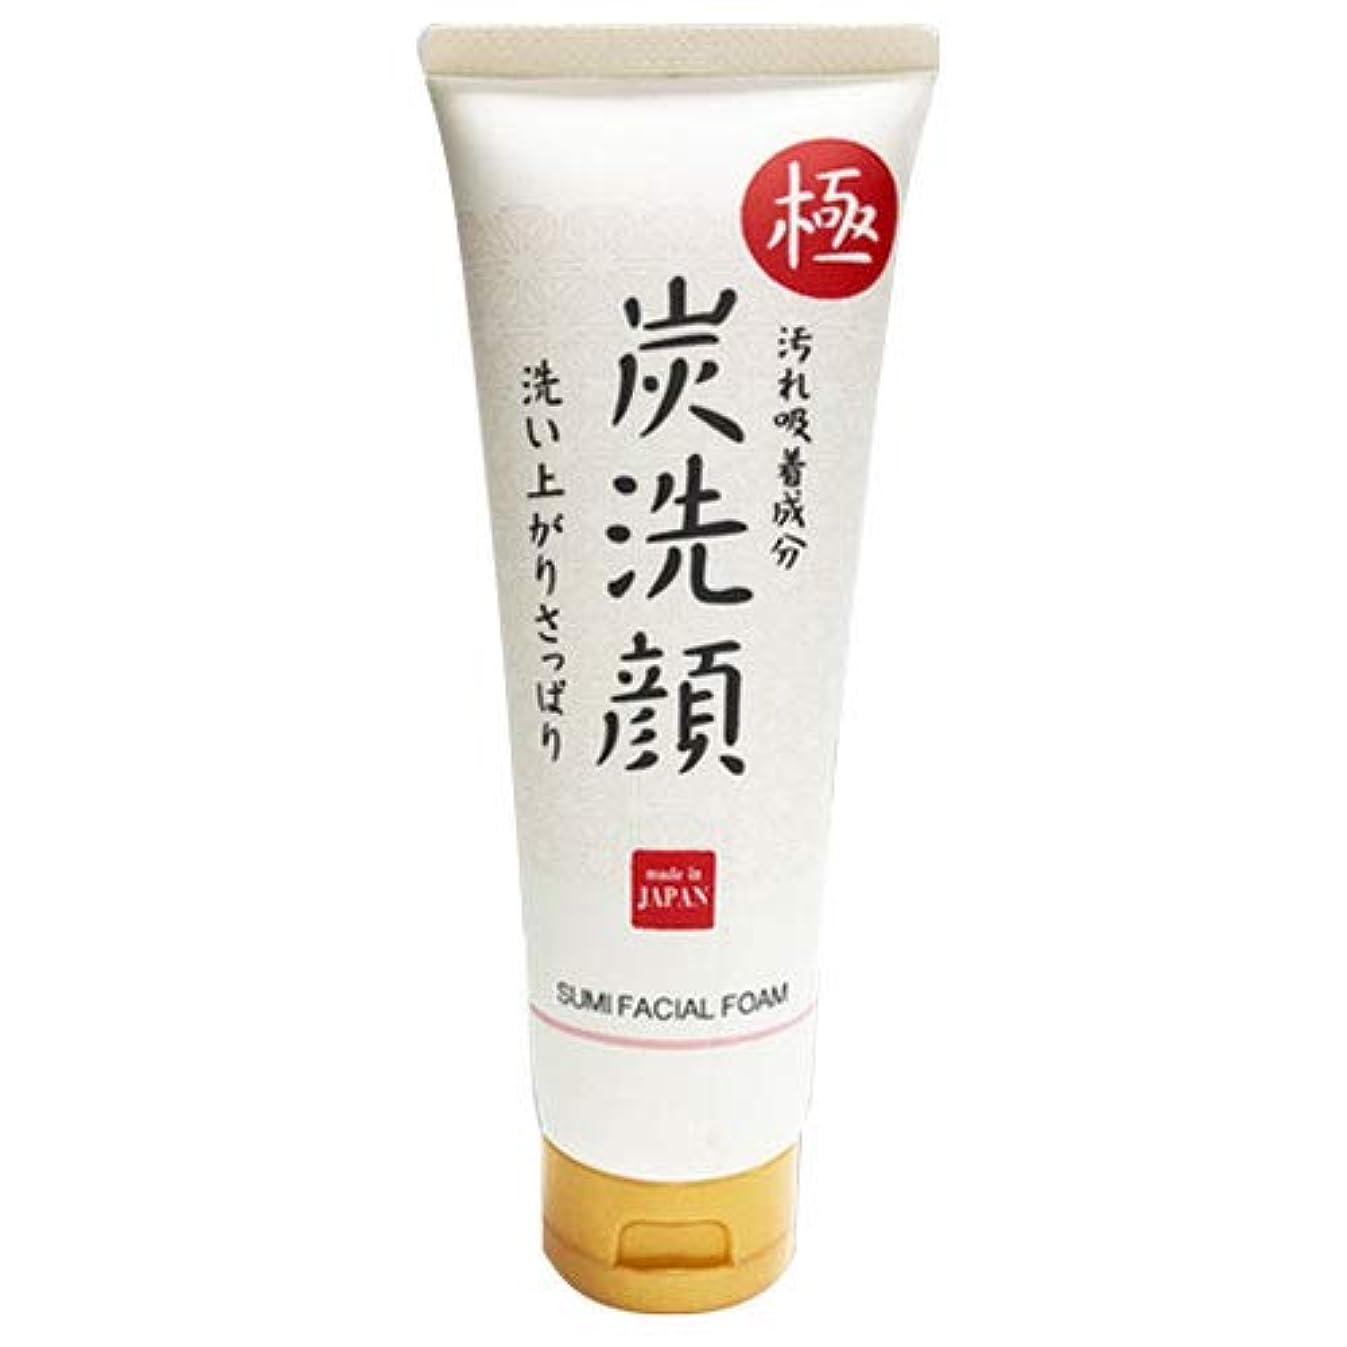 驚くべきツインベジタリアン極 炭洗顔 日本製 炭 洗顔 フェイスケア 肌 美容 スキンケア クレンジング 素肌 もっちり泡洗顔 化粧品 メイク落とし 毛穴ケア 毛穴汚れ